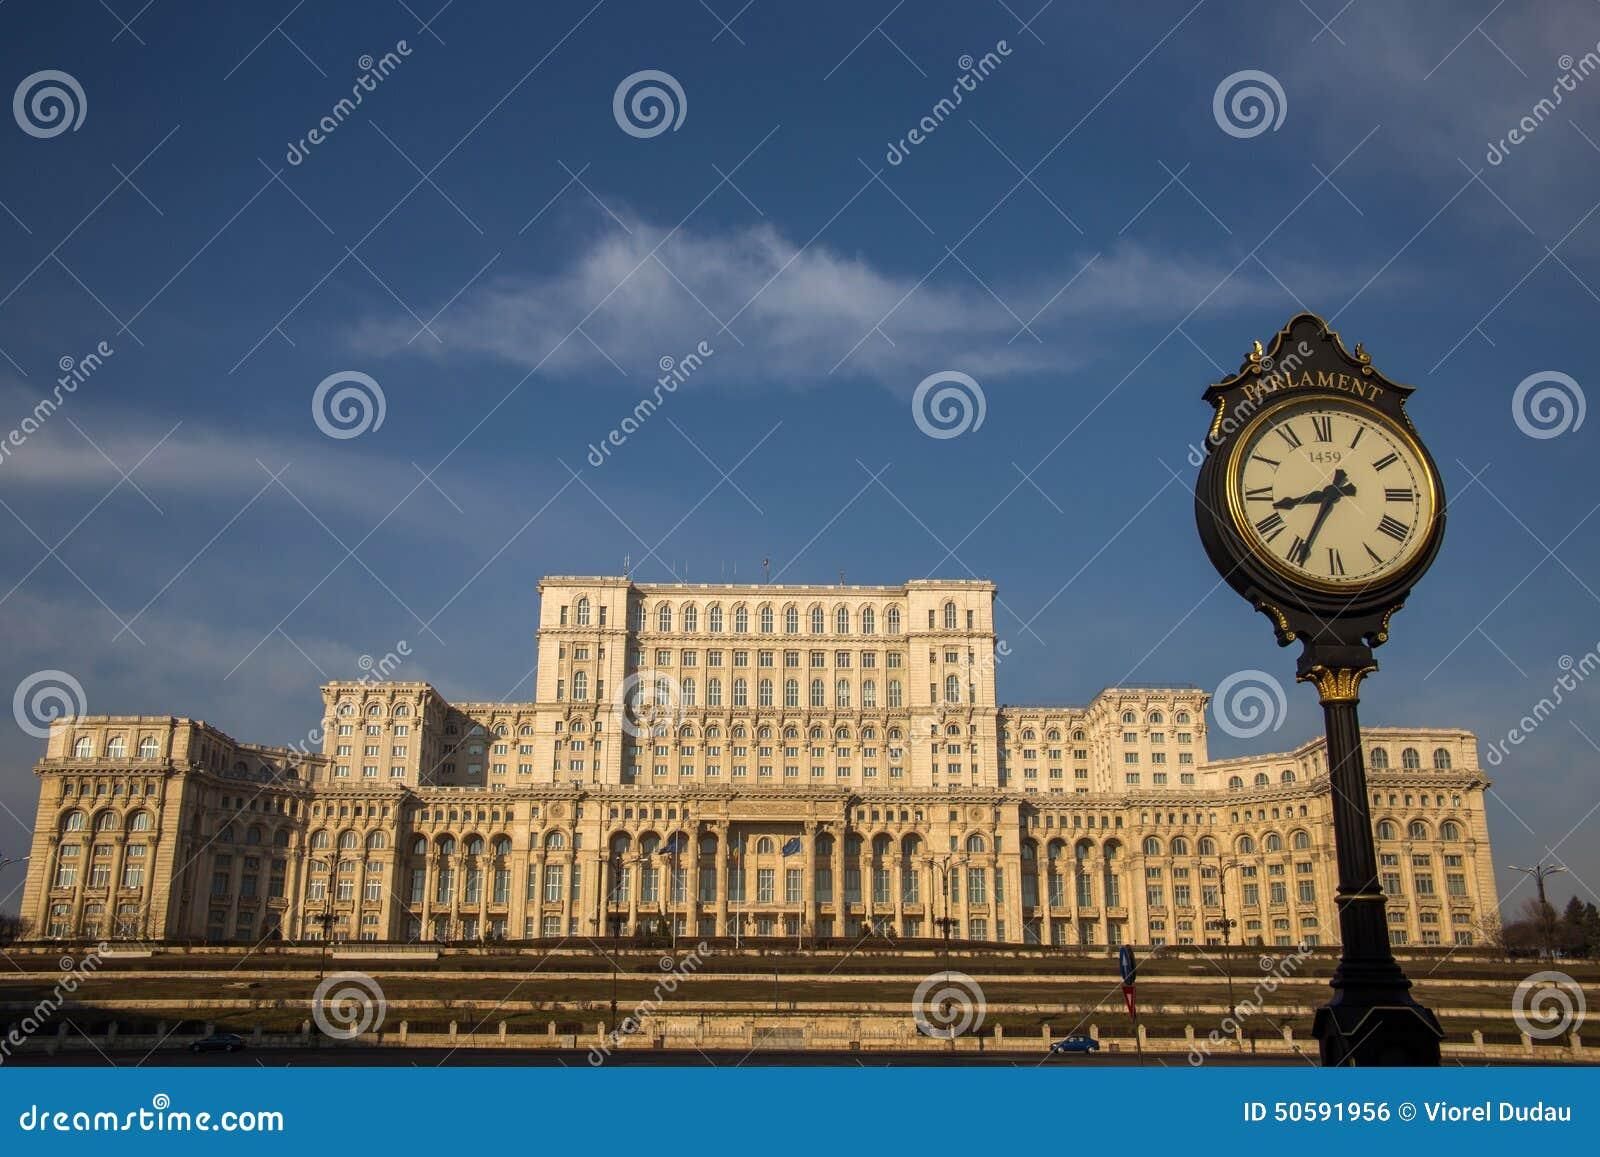 Το ρουμανικό Κοινοβούλιο (Casa Poporului), Βουκουρέστι